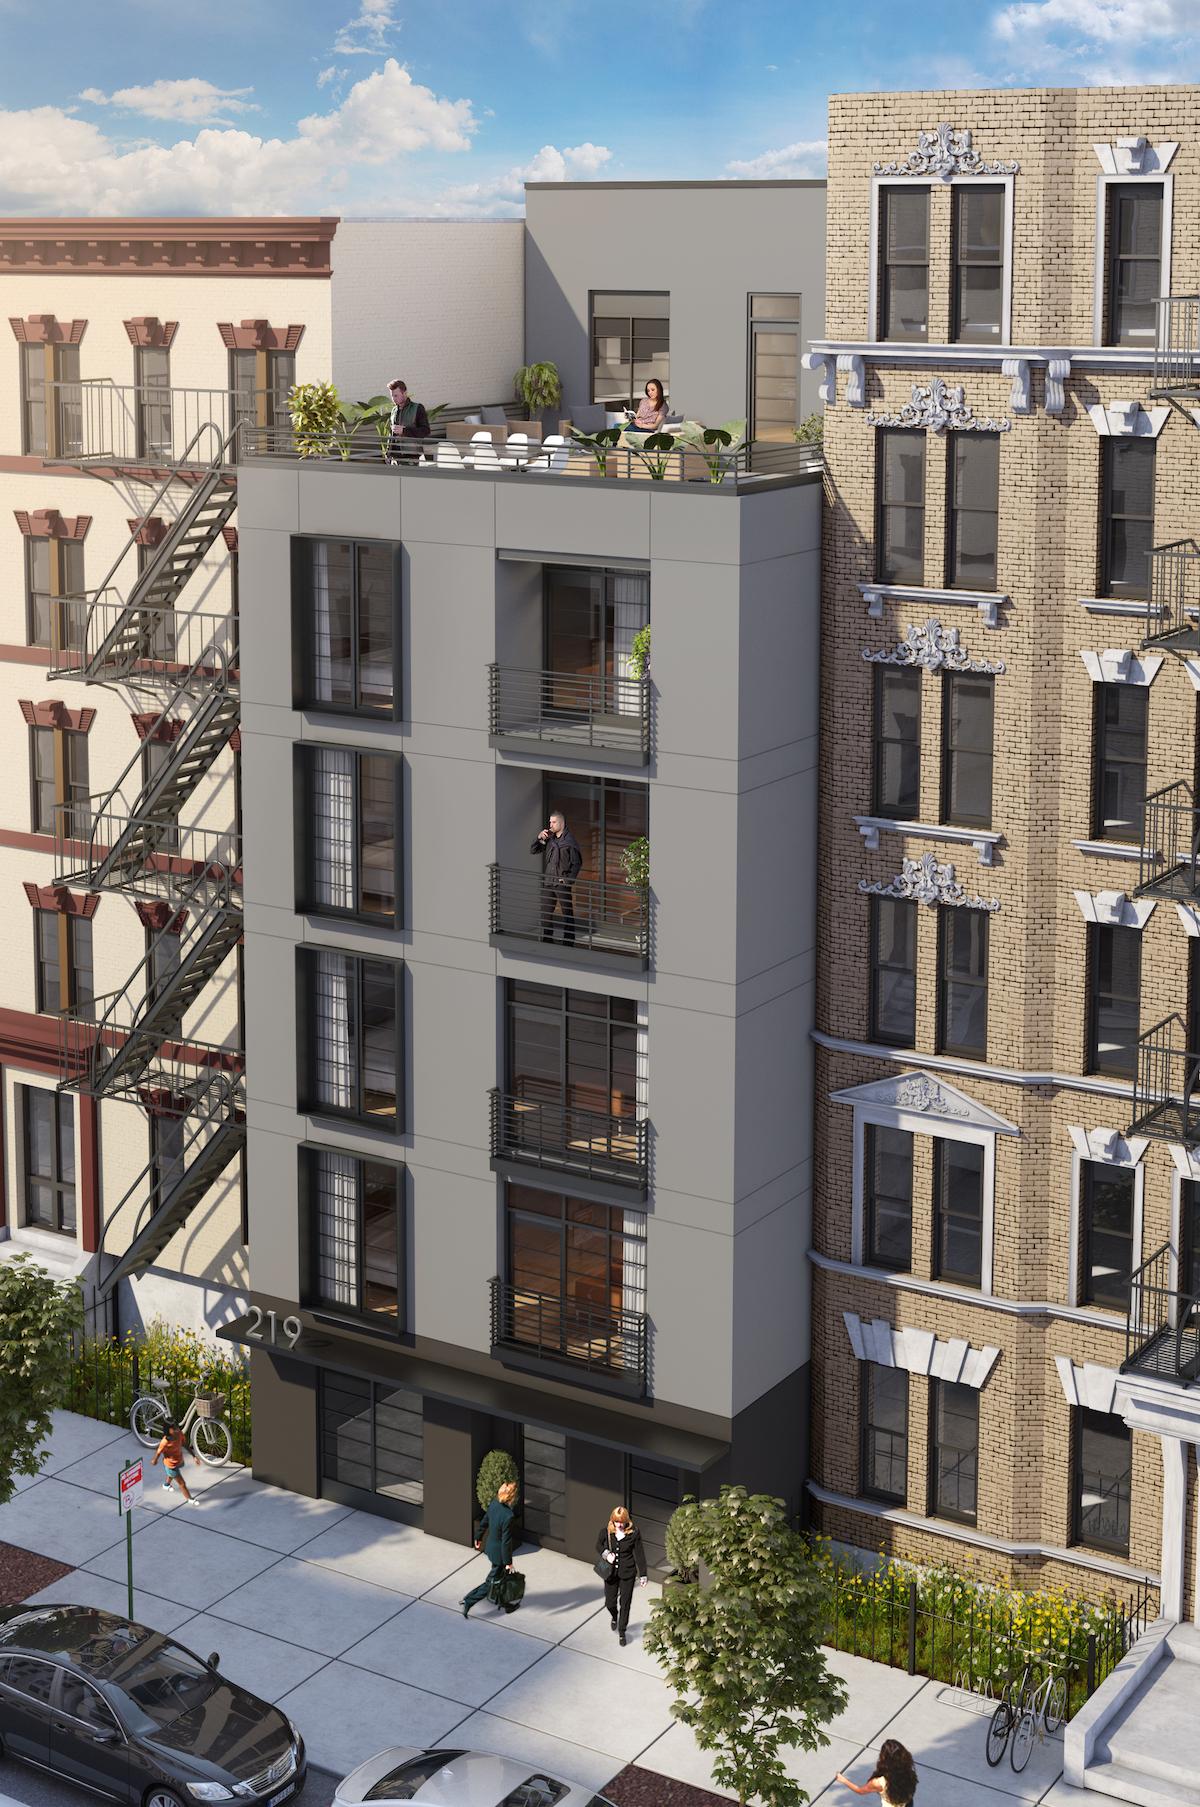 219 South 3rd Street, rendering via TerraCRG